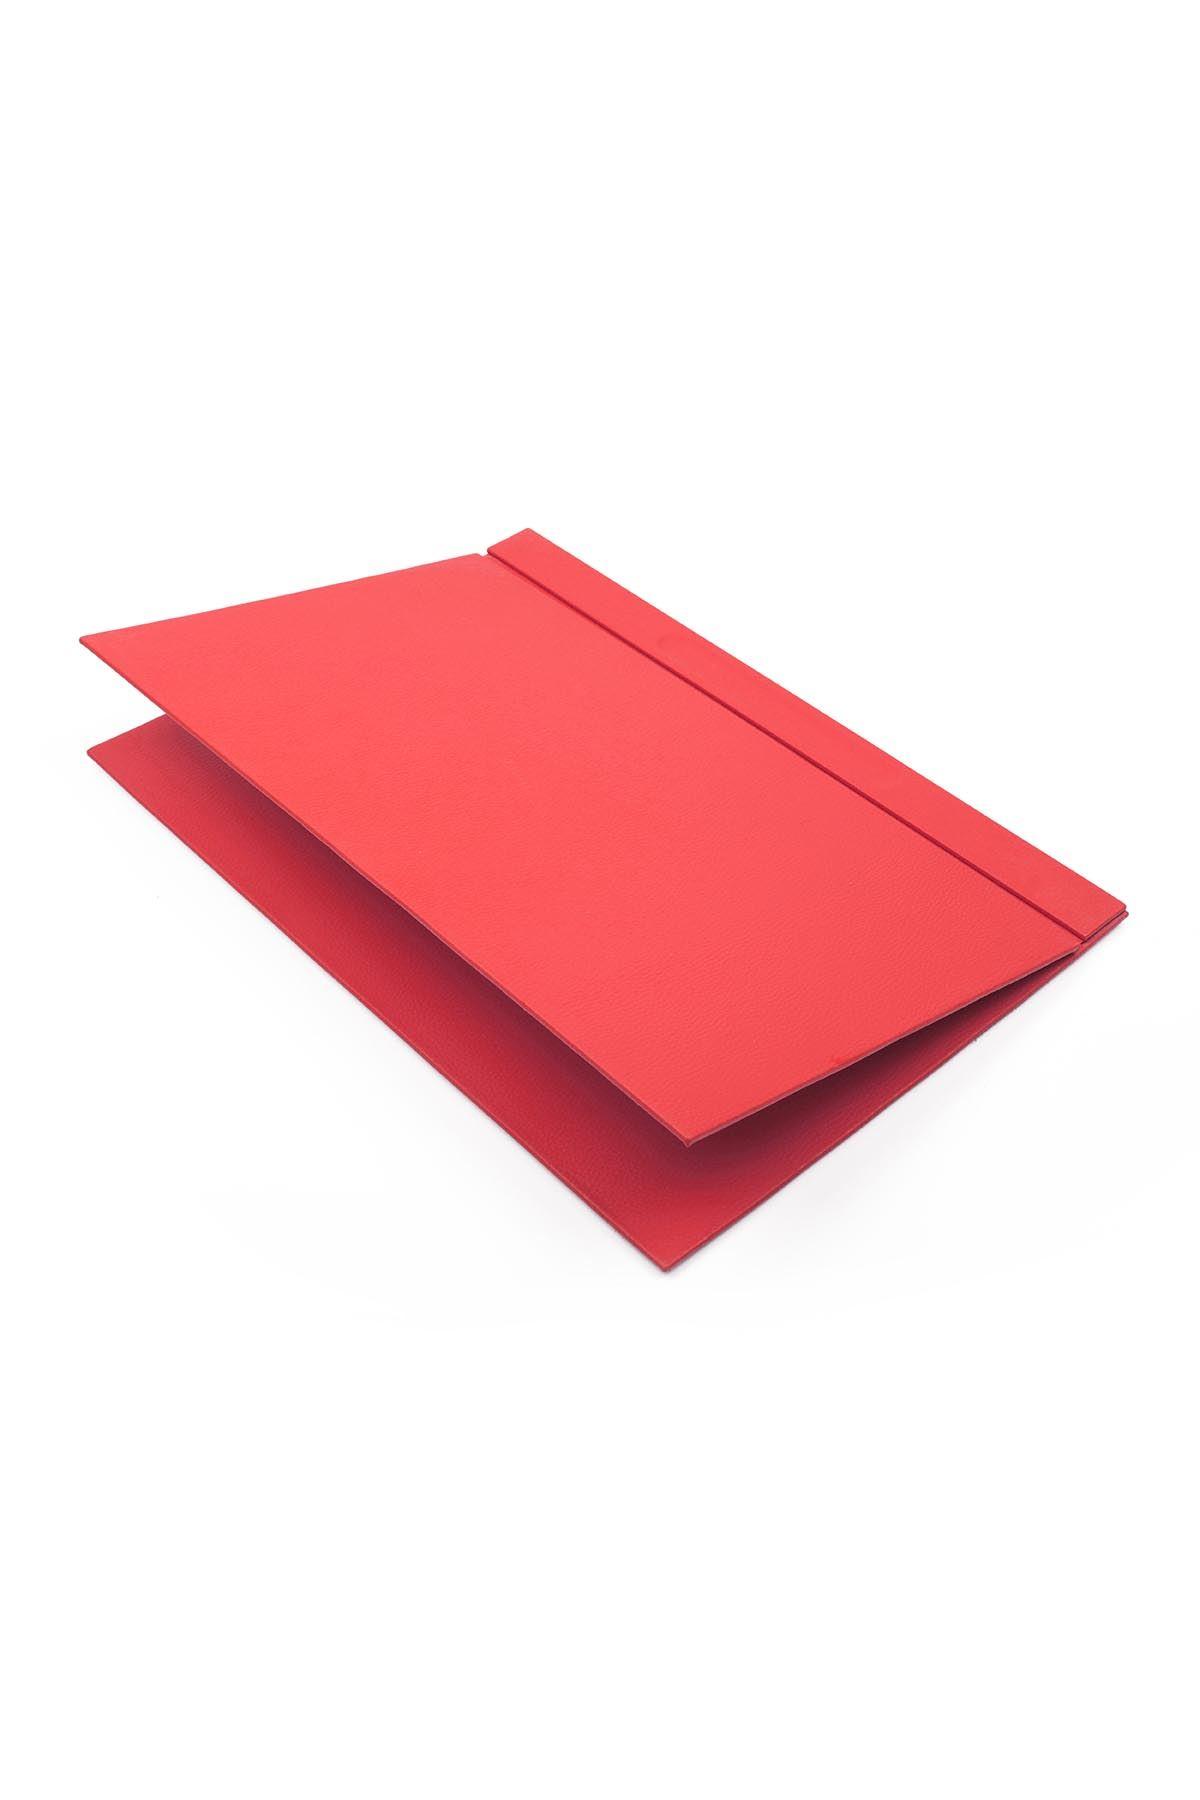 Kapaklı Deri Sümen Kırmızı